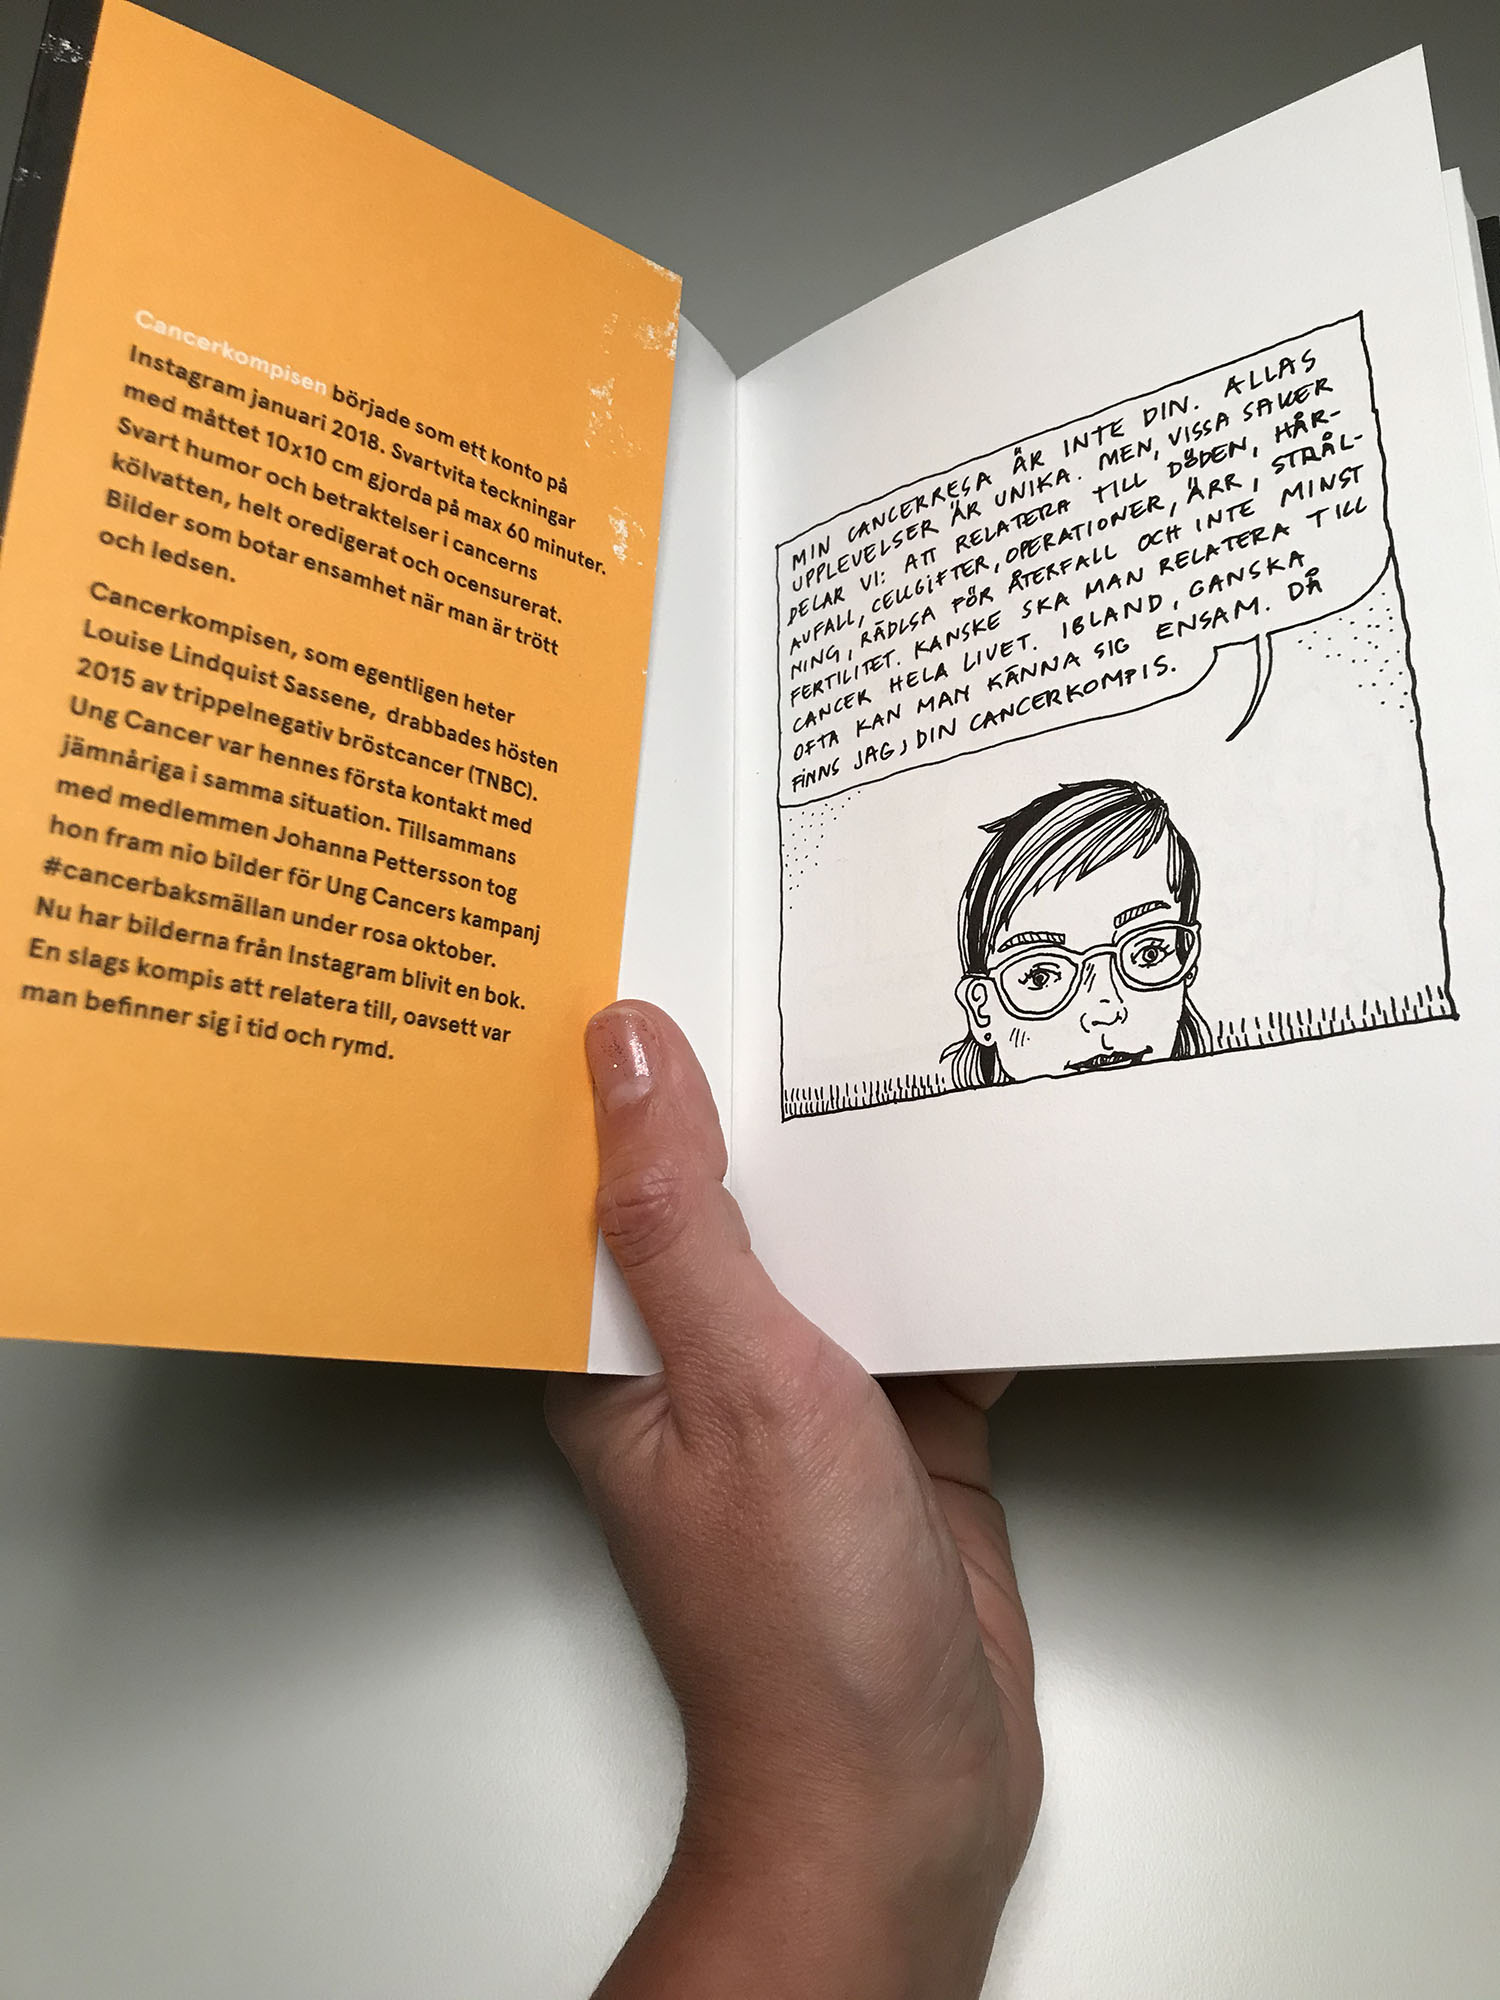 """Boken """"Jag, din cancerkompis"""" släpps på Världscancerdagen nästa år. Ung Cancer är utgivare."""